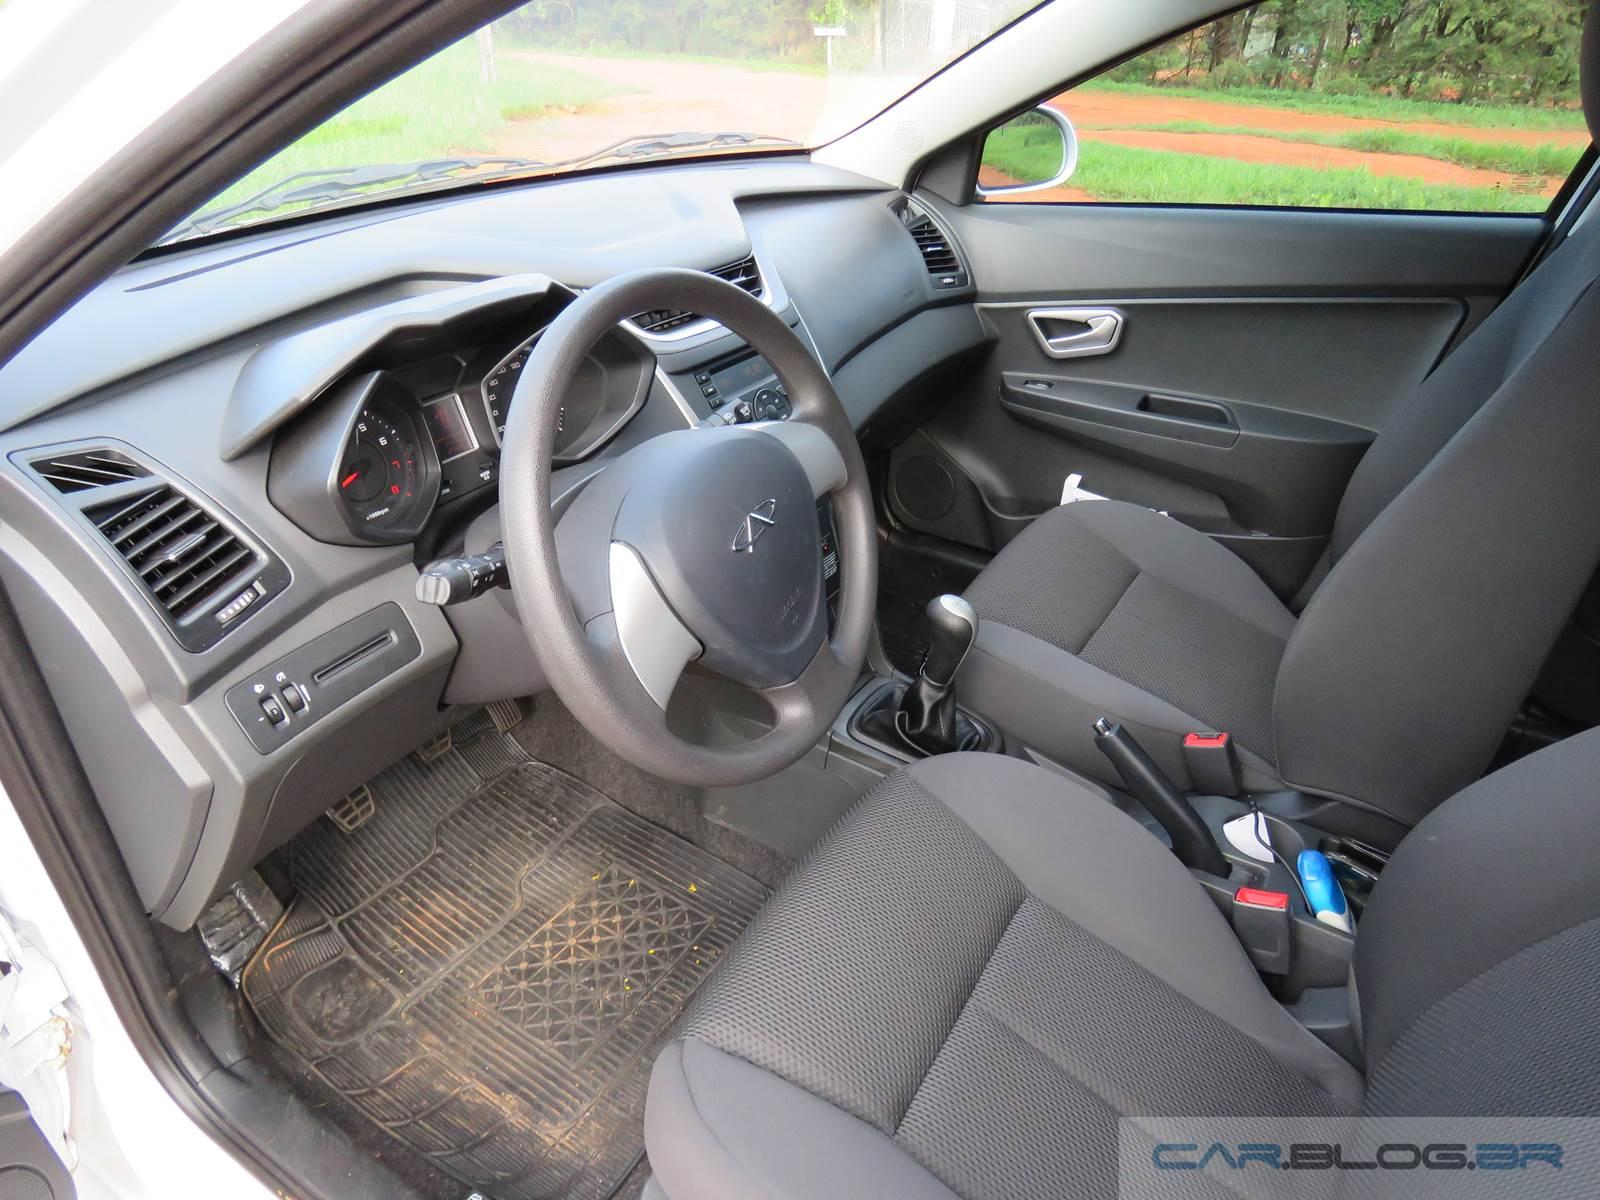 Chevrolet Onix 1.0 2016 x Chery Celer 1.5 Flex - espaço interno dianteiro